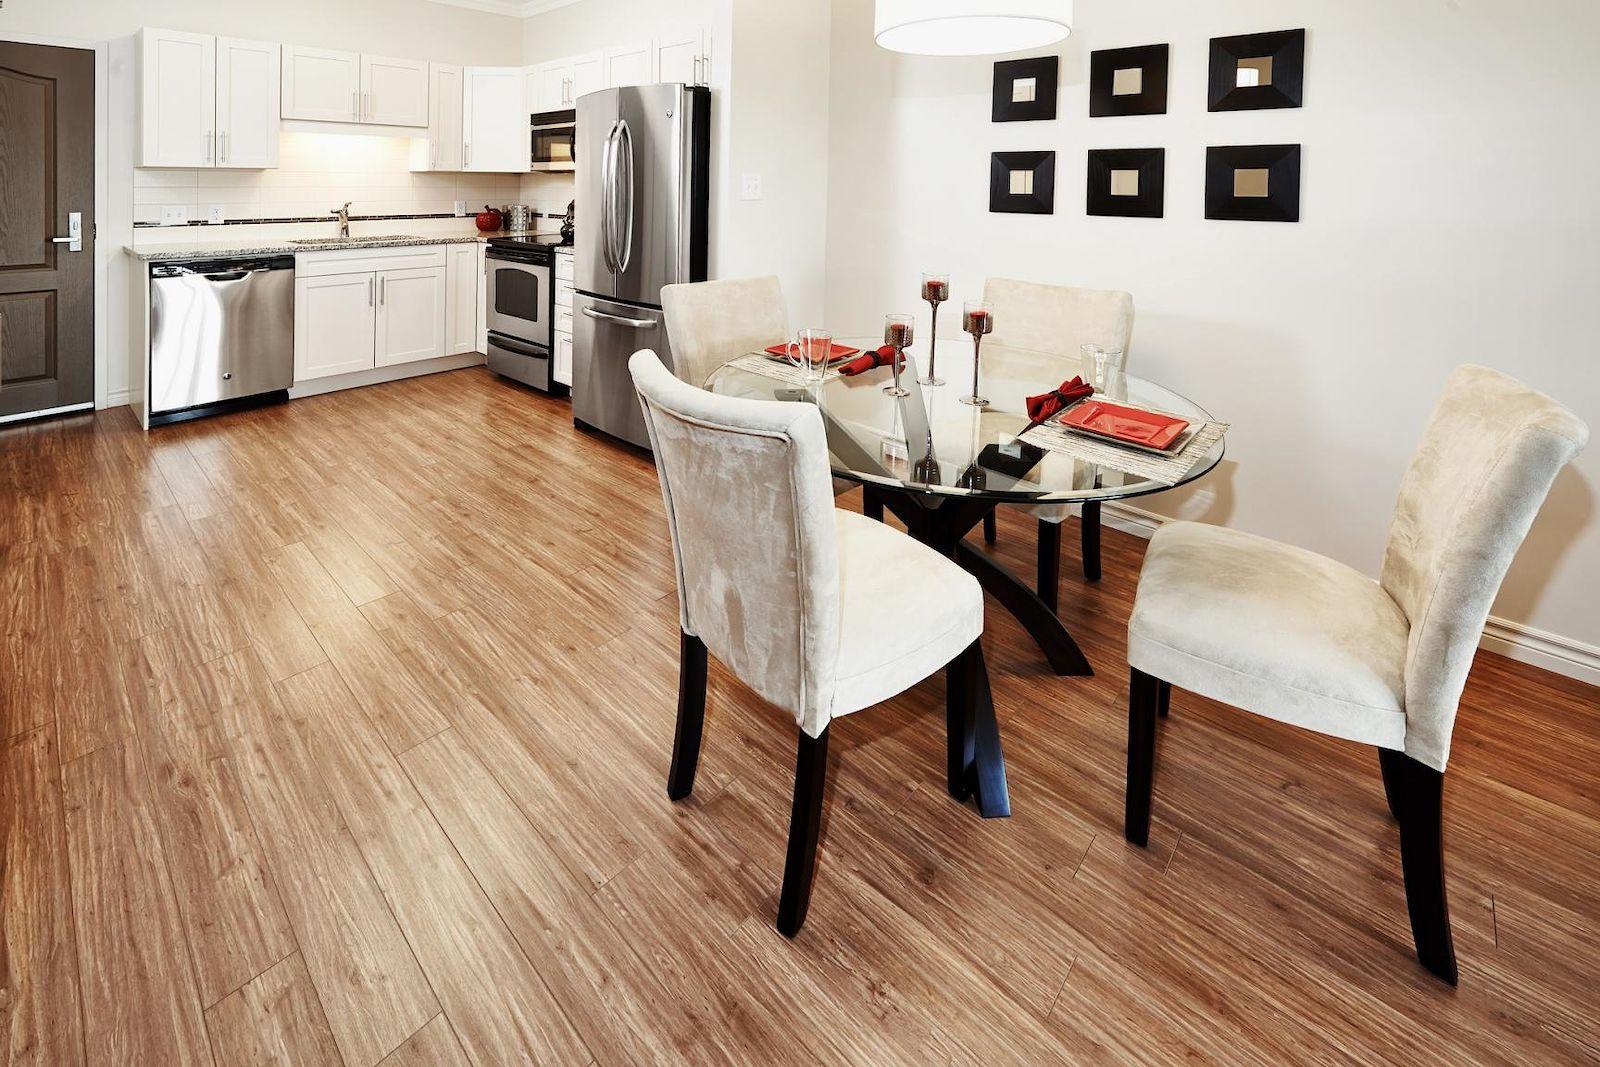 Moncton Apartment For Rent Mapleton Estates Id 331174